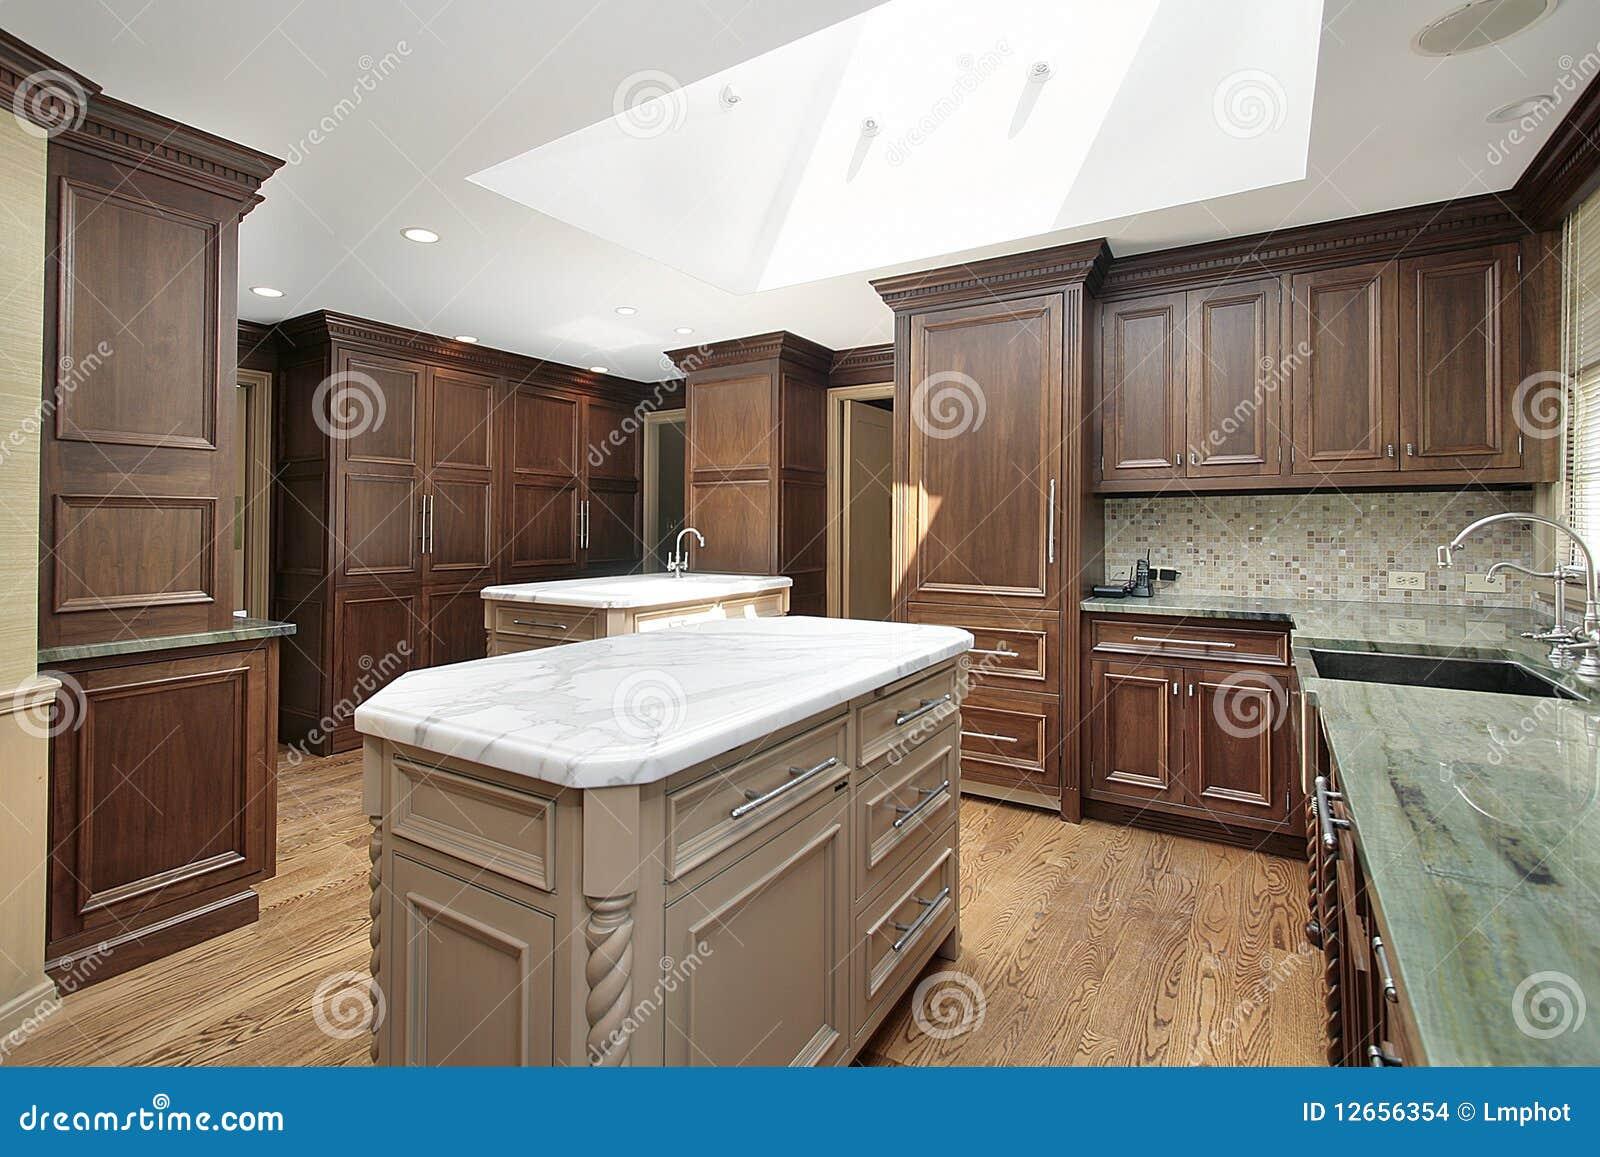 Keuken Met Wit Marmeren Eiland Stock Afbeeldingen - Afbeelding ...